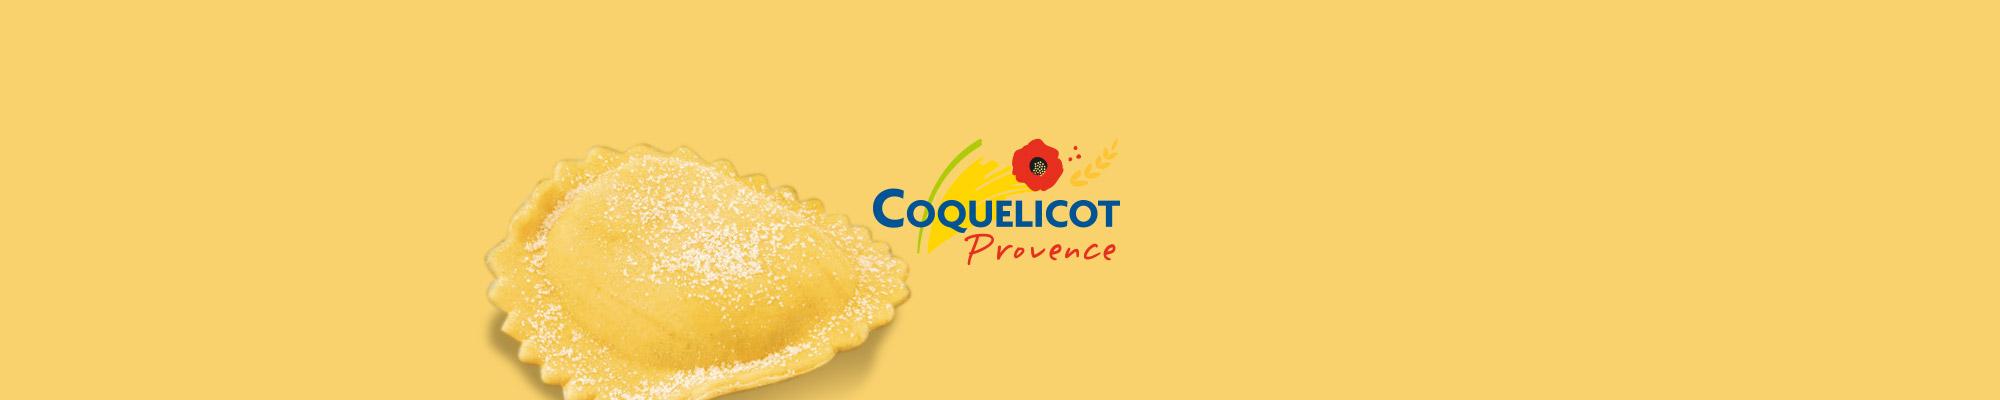 Coquelicot Provence